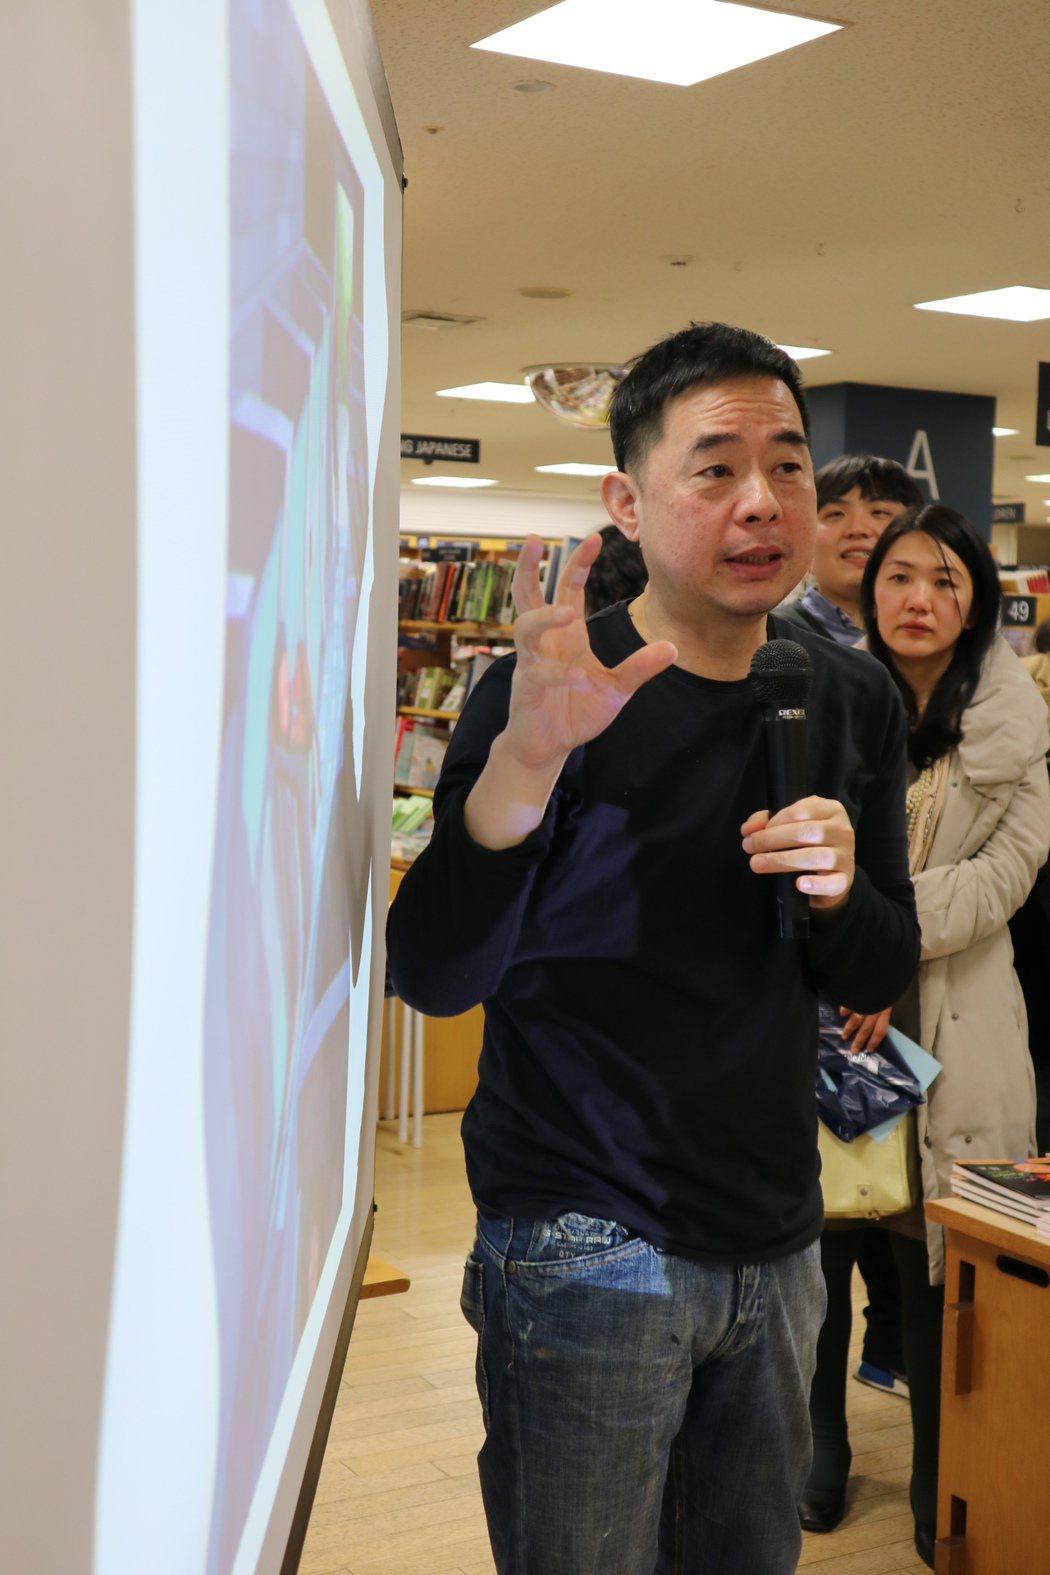 繪本作家幾米在東京新宿紀伊國屋書店舉辦「繪本與電影的對談」簽書會,講到熱絡處幾米...